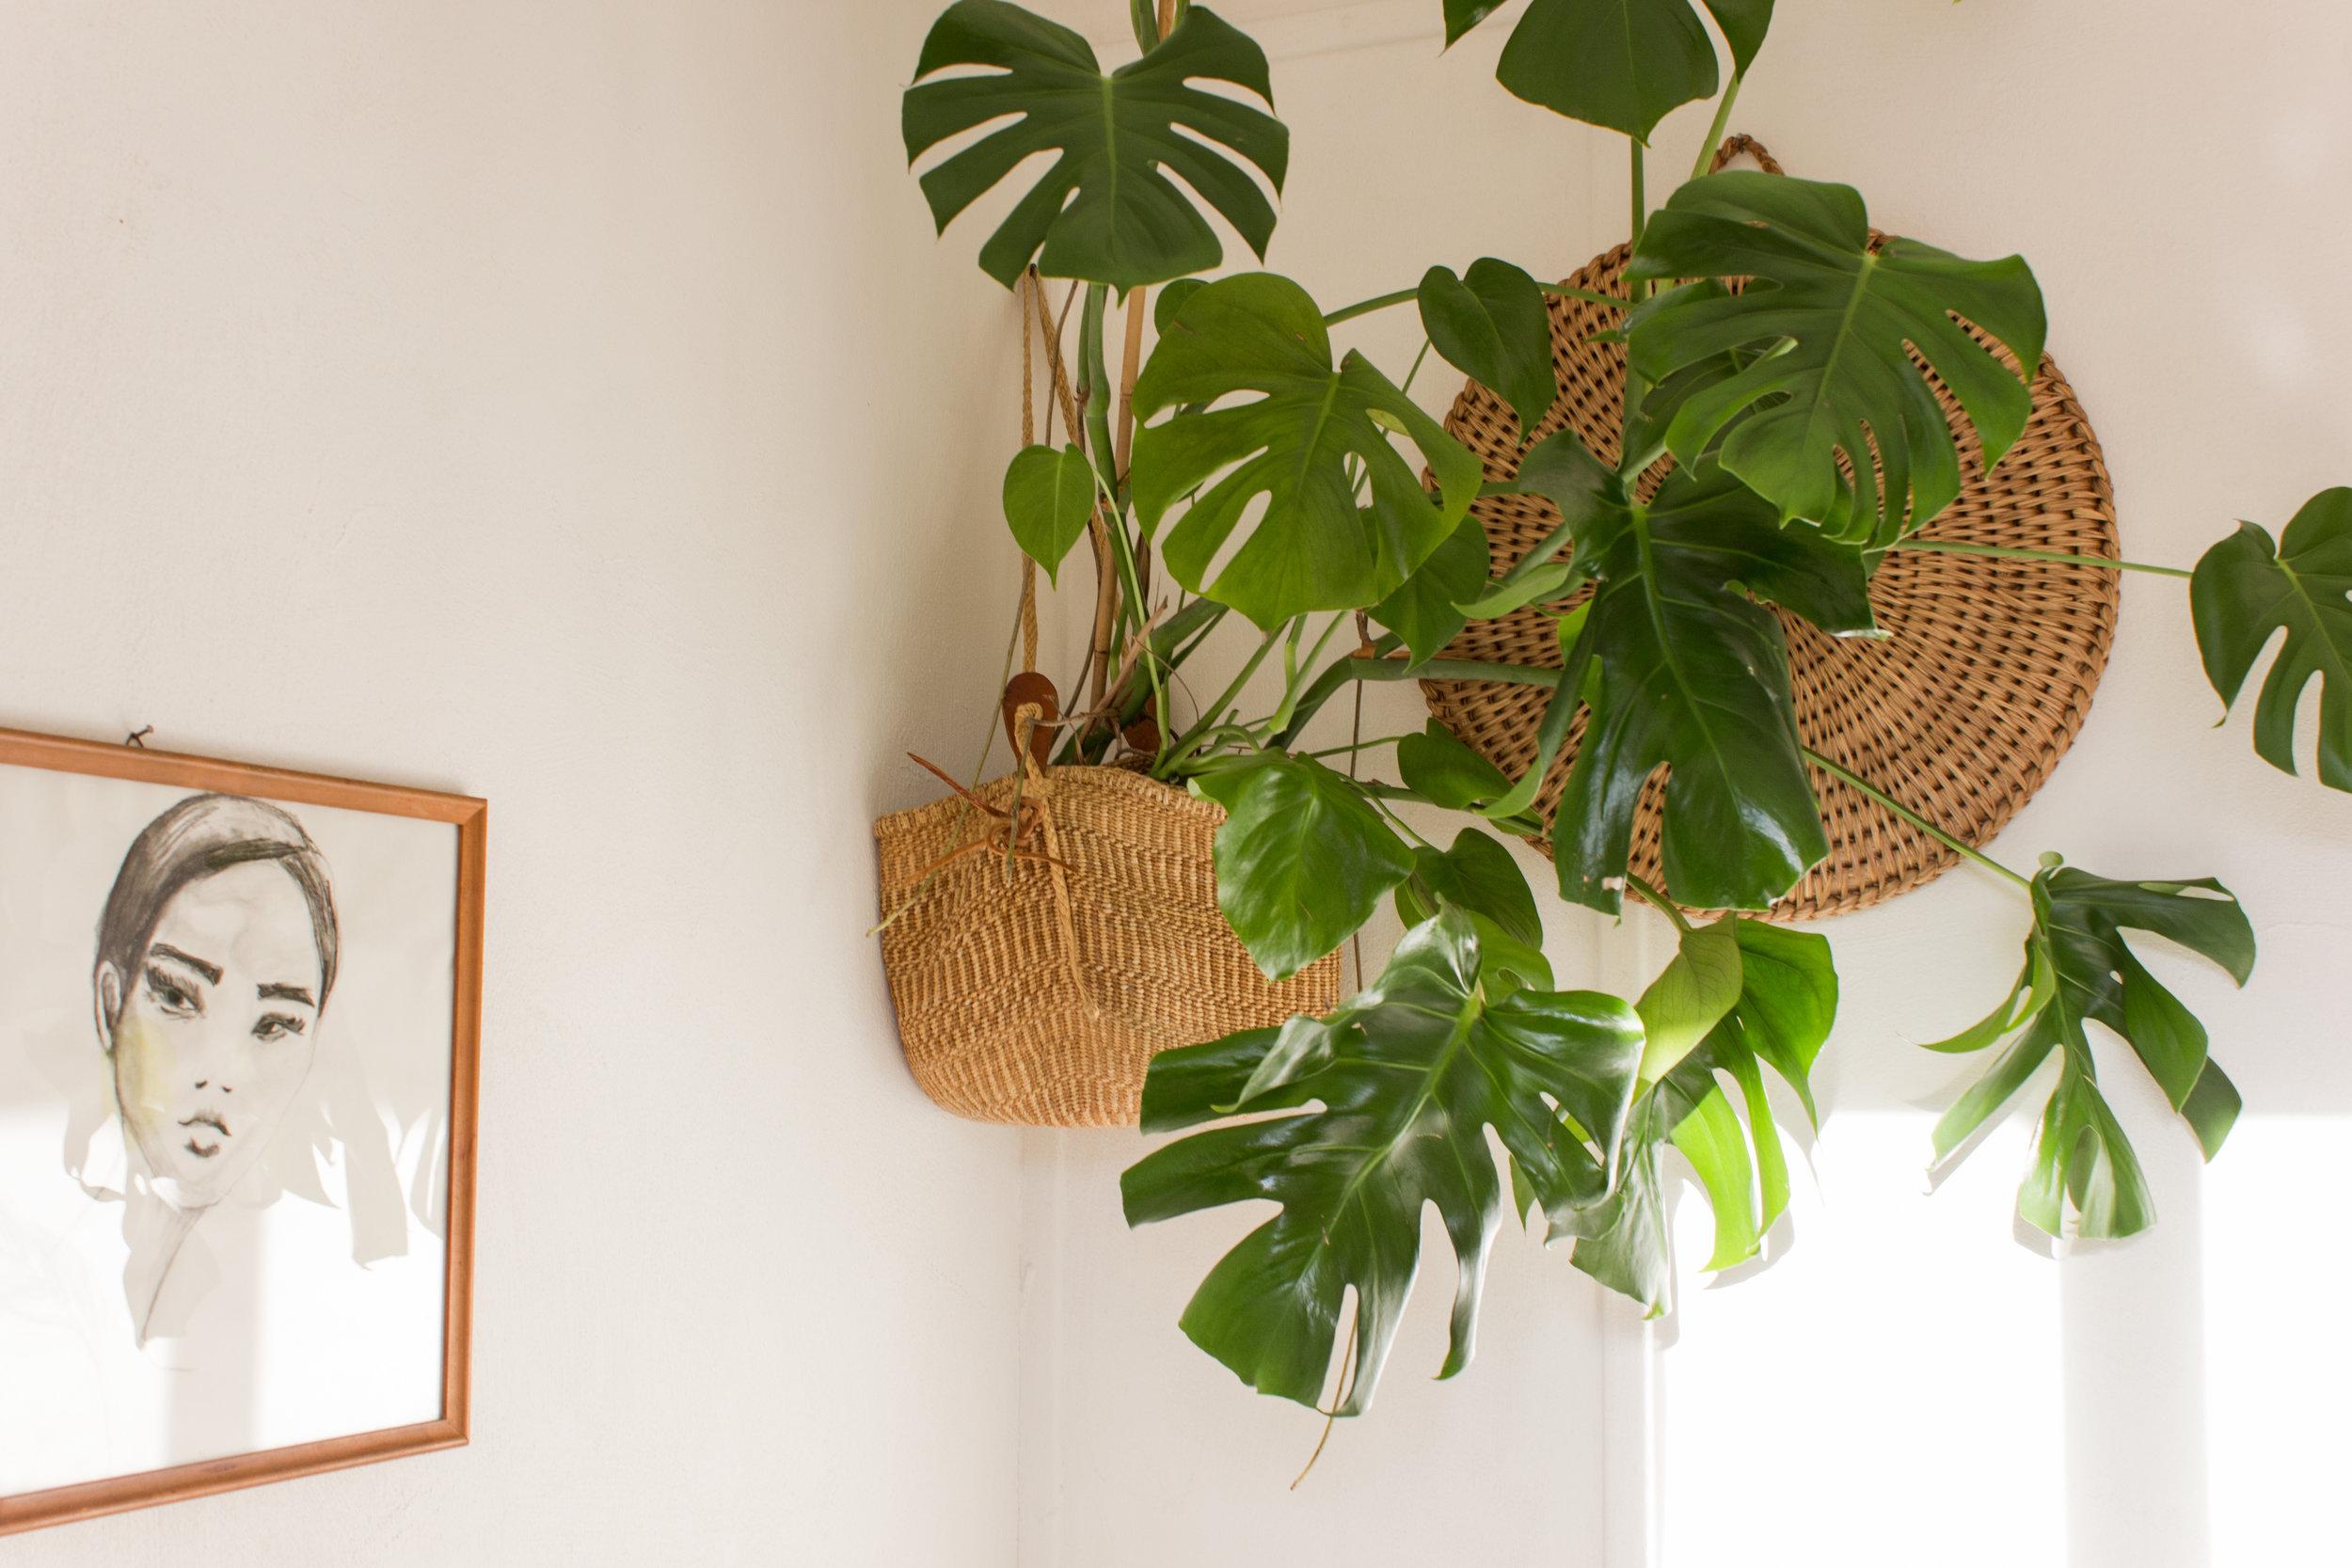 Planteophænget giver mig en vibe af asiatisk minimalisme. Haps, det ser cool ud! Du kan nemt og billigt gøre Louise kunsten efter. Frem med flettasken, mormor!